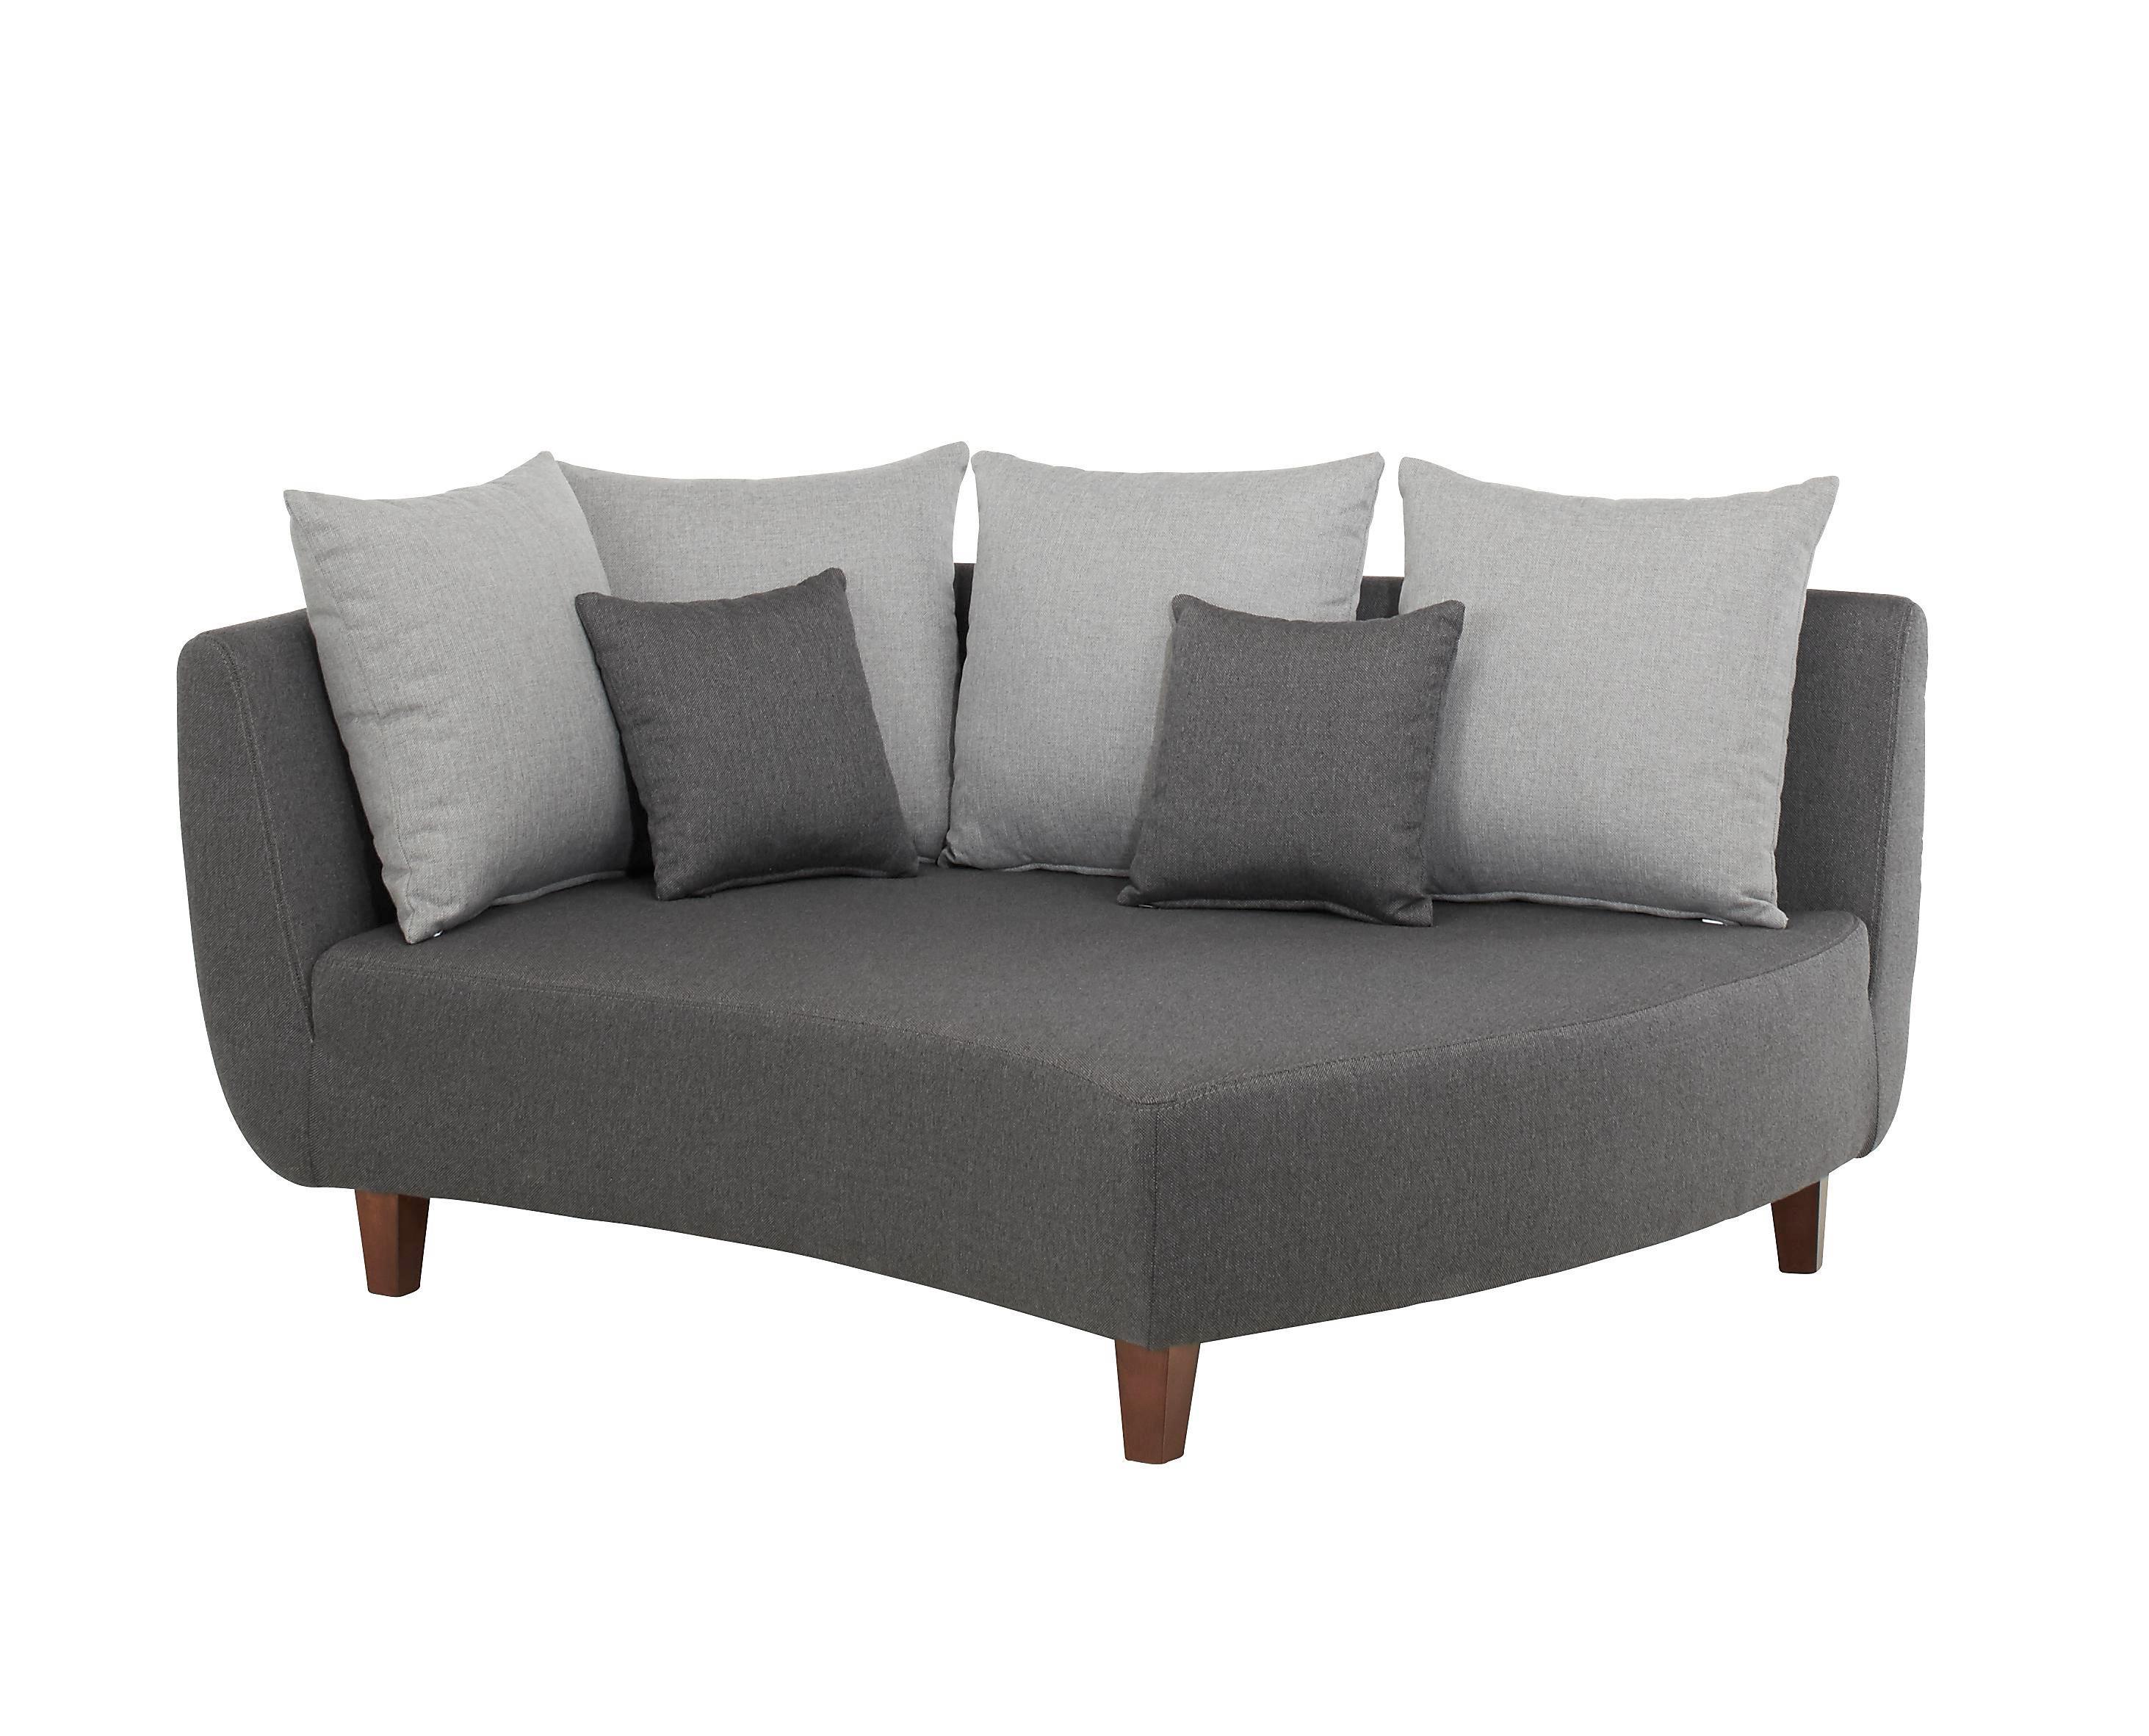 sofa kaufen deutschland perfect sofa kaufen with sofa kaufen deutschland beautiful designer. Black Bedroom Furniture Sets. Home Design Ideas